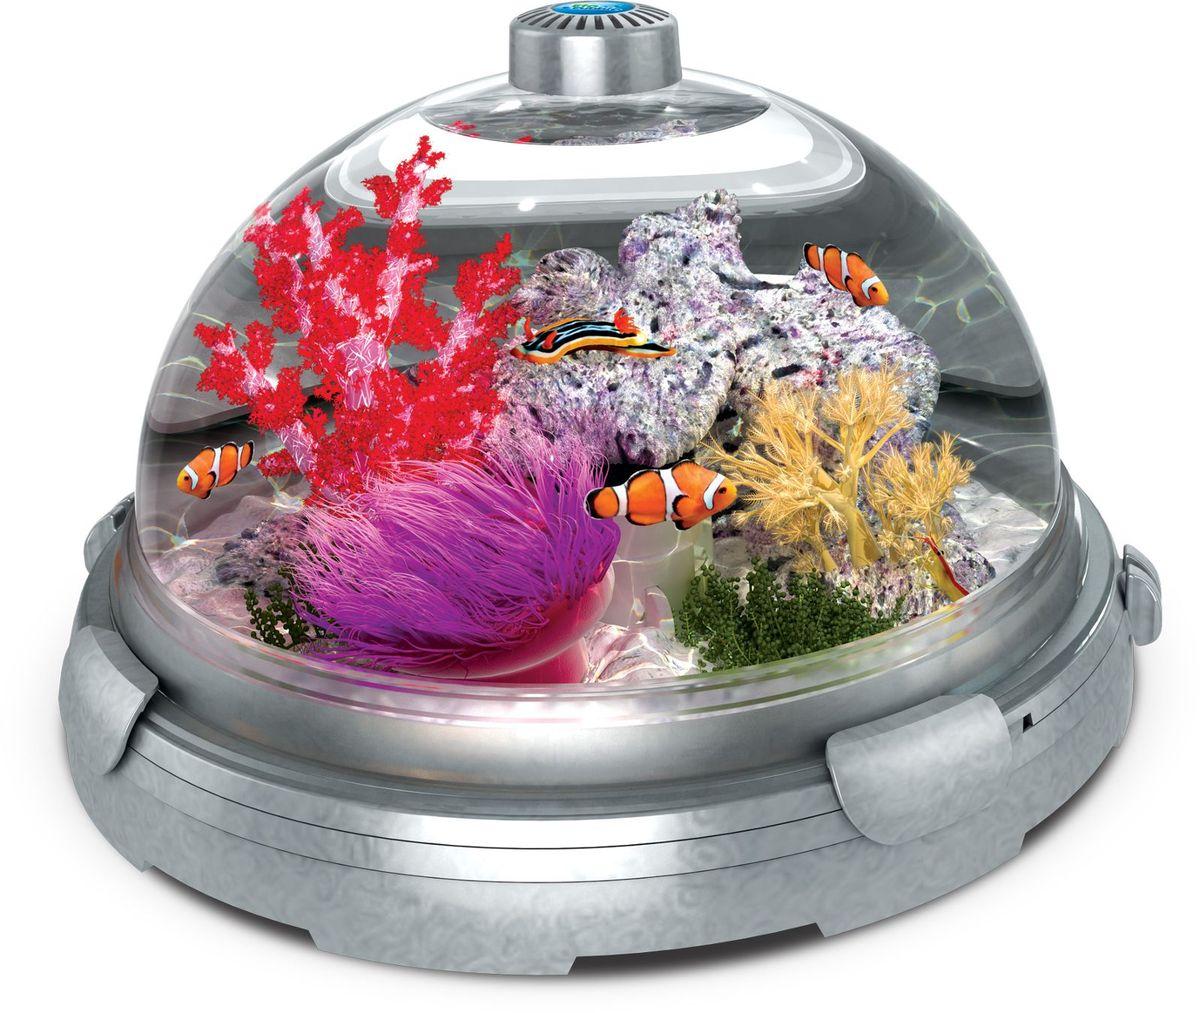 Комплект-аквариум BioBubble Aquarium Bundle, цвет: серебристый + подарок-декор Будда0120710BioBubble Aquarium Bundle – это превосходная среда обитания, в которой можно создать настоящее подводное царство